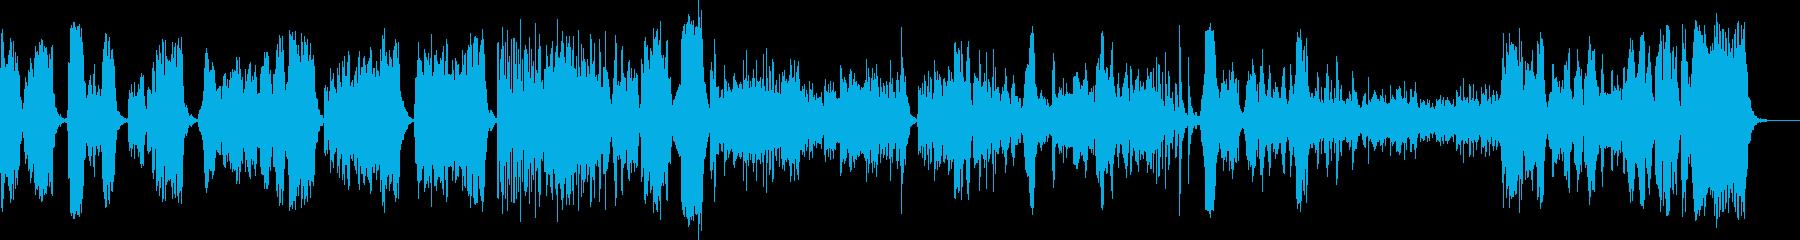 トッカータとフーガ・バイオリンソロの再生済みの波形